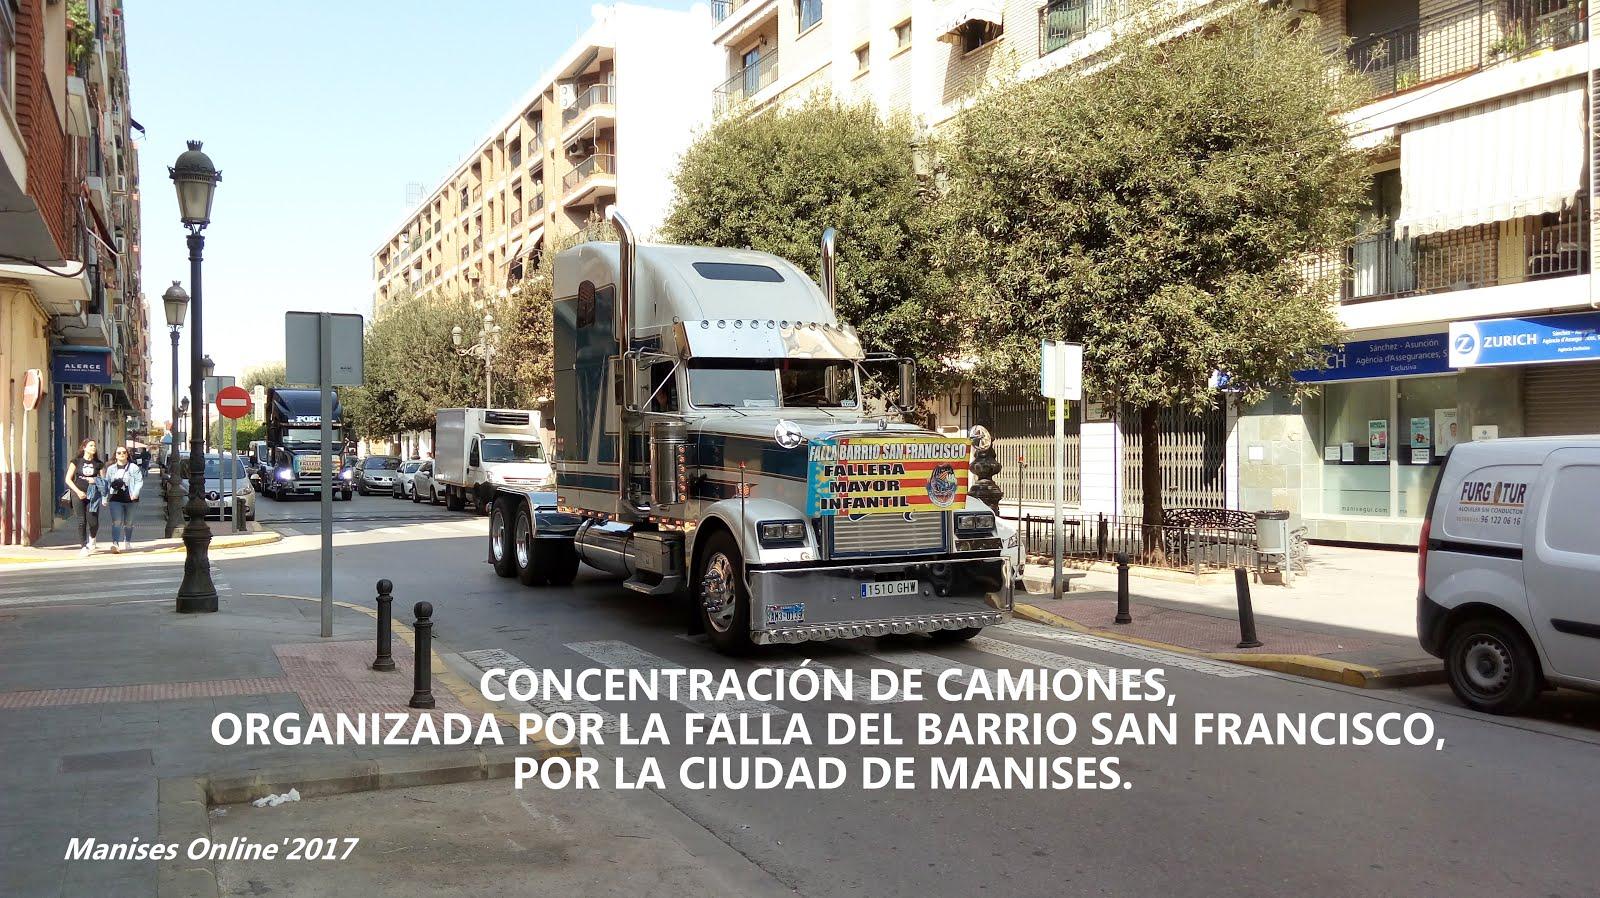 12.03.17 CONCENTRACIÓN Y DESFILE DE CAMIONES POR LA CIUDAD DE MANISES